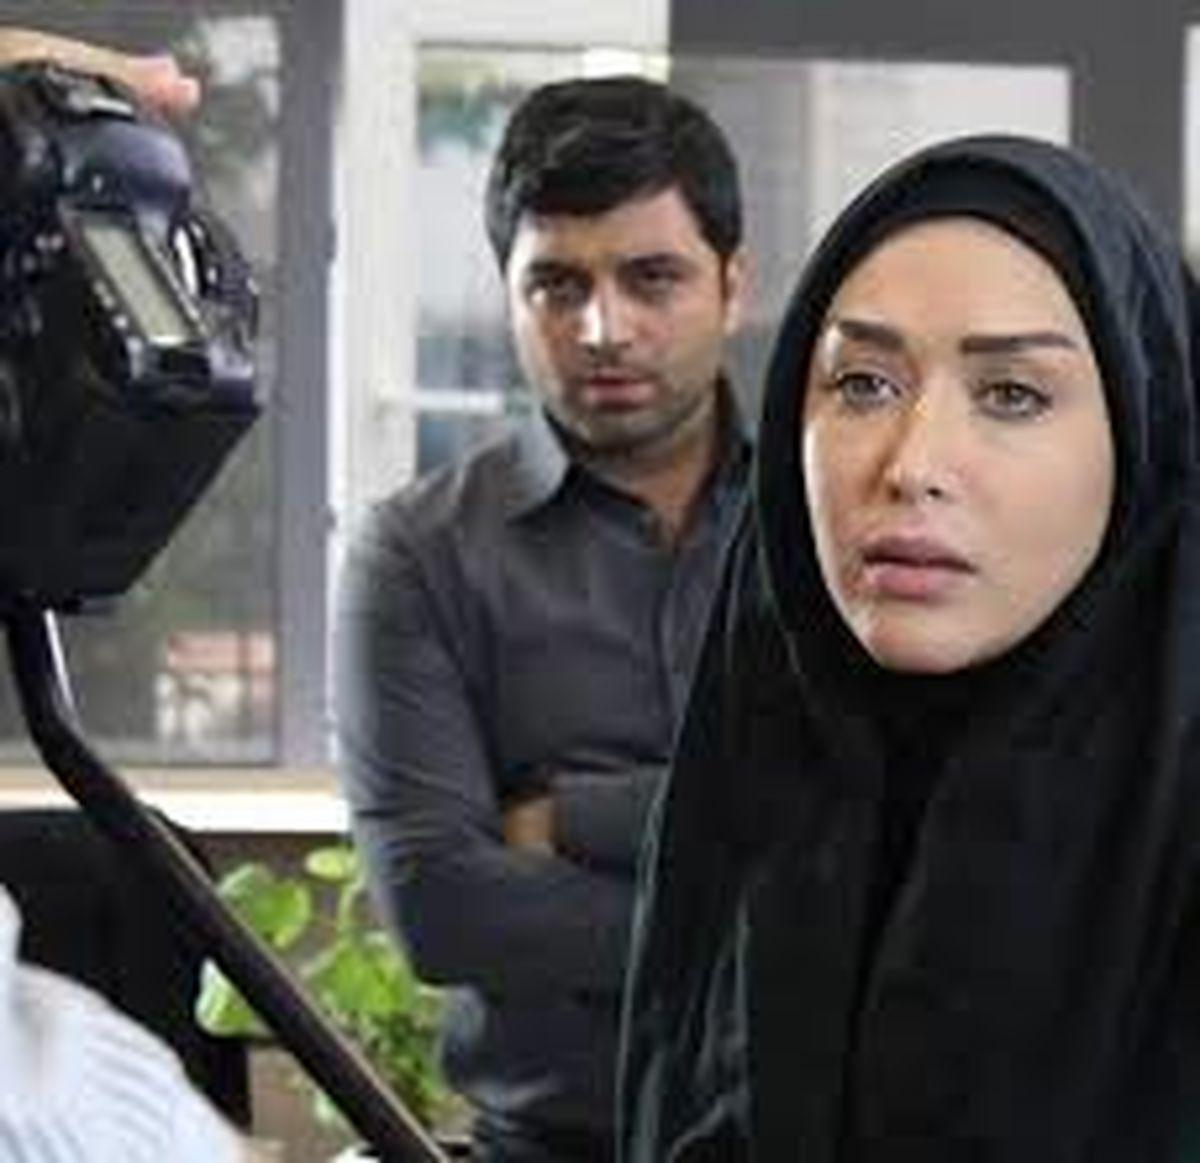 ماجرای دزدی و تخریب ماشین سارا منجزی پور بازیگر تلویزیون! +فیلم